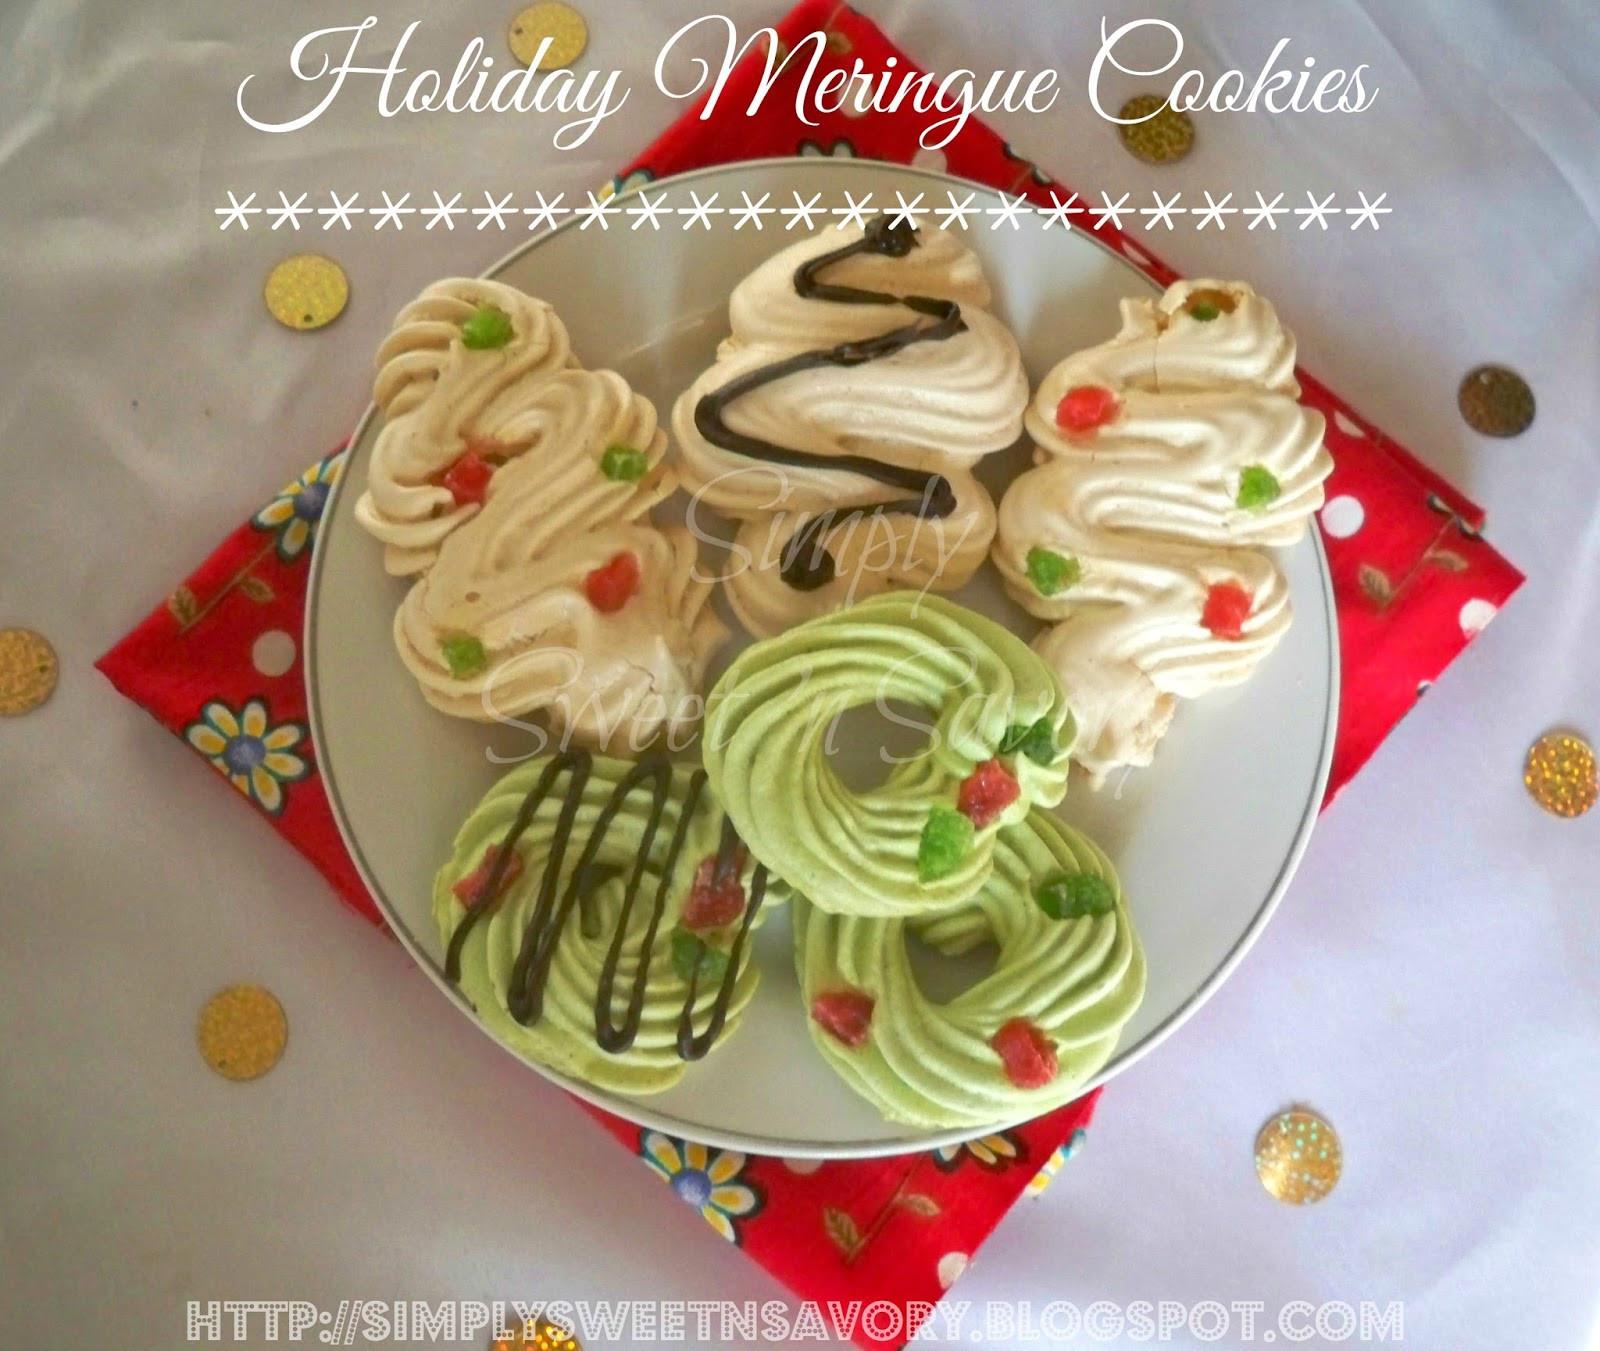 Christmas Meringue Cookies  Simply Sweet n Savory Holiday Meringue Cookies